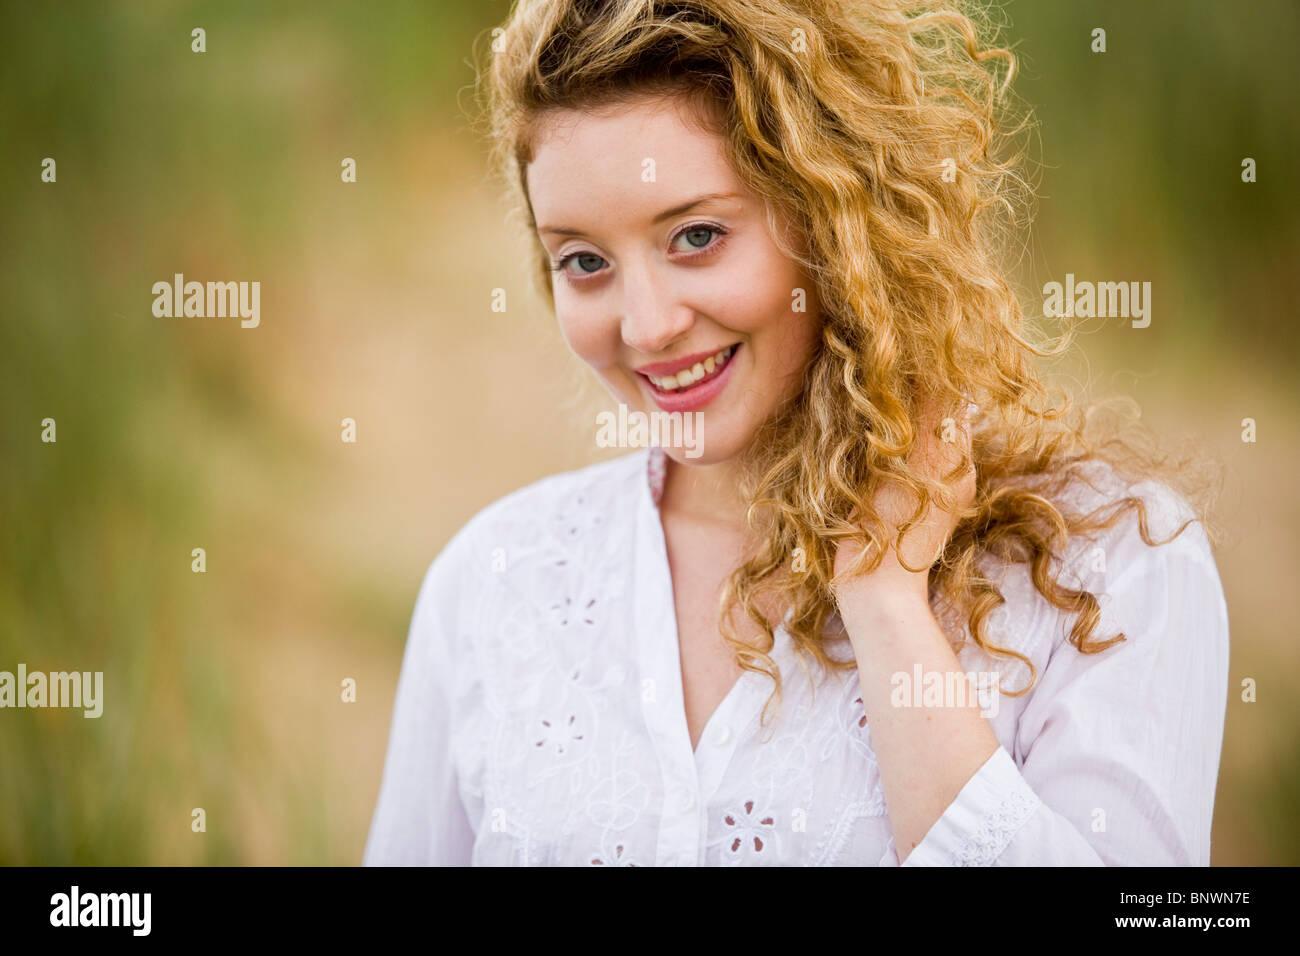 Retrato de mujer atractiva en el exterior Imagen De Stock